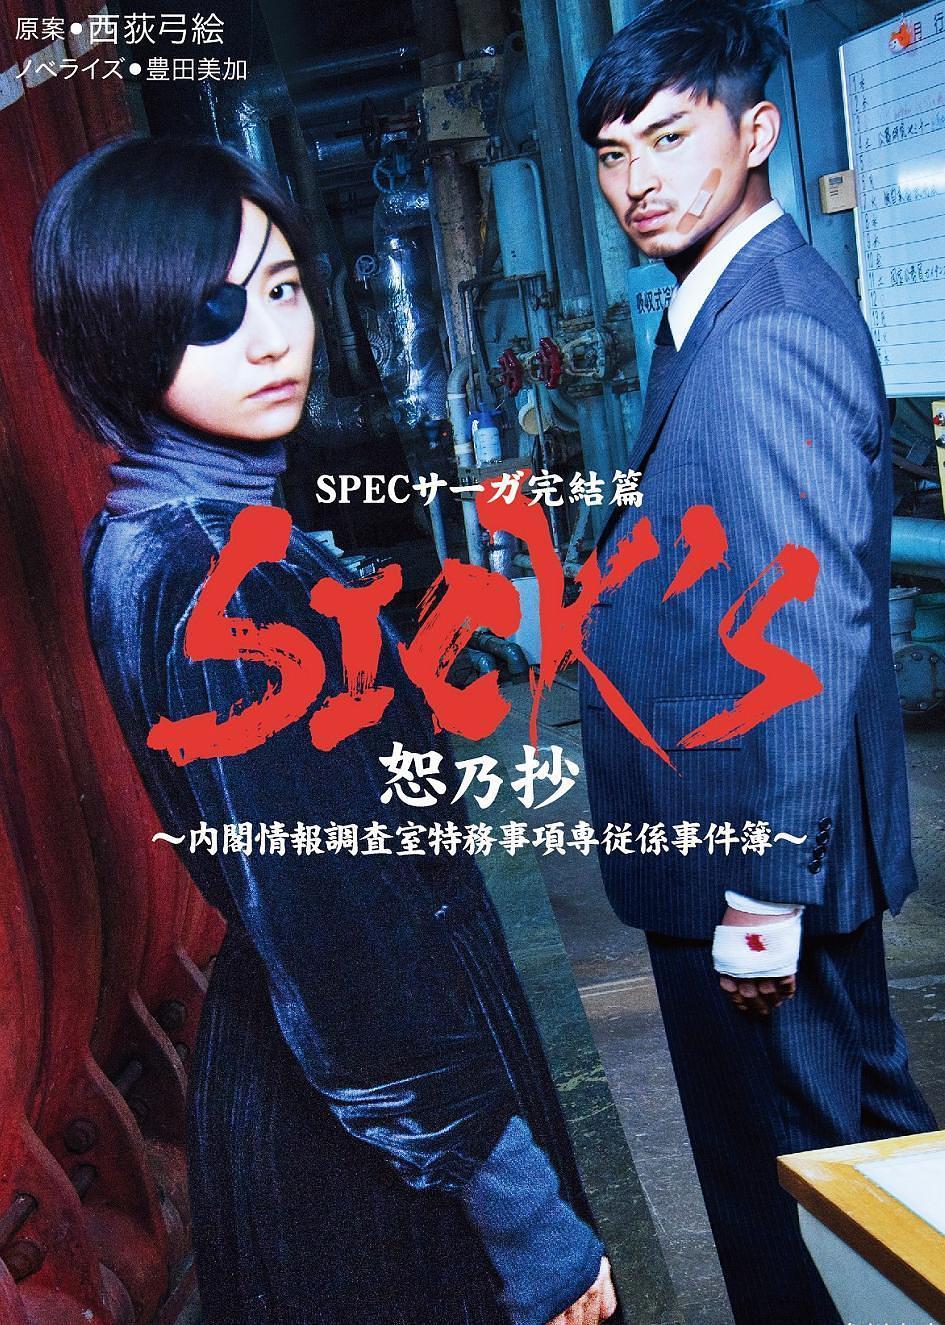 SICK'S恕乃抄~内阁情报调査室特务事项専従系事件簿~